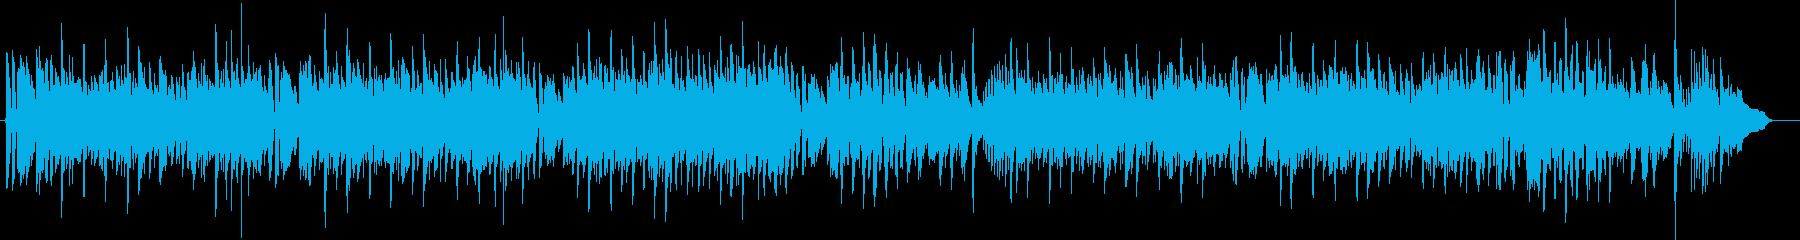 カントリー・サザンロック系アコギ合奏の再生済みの波形